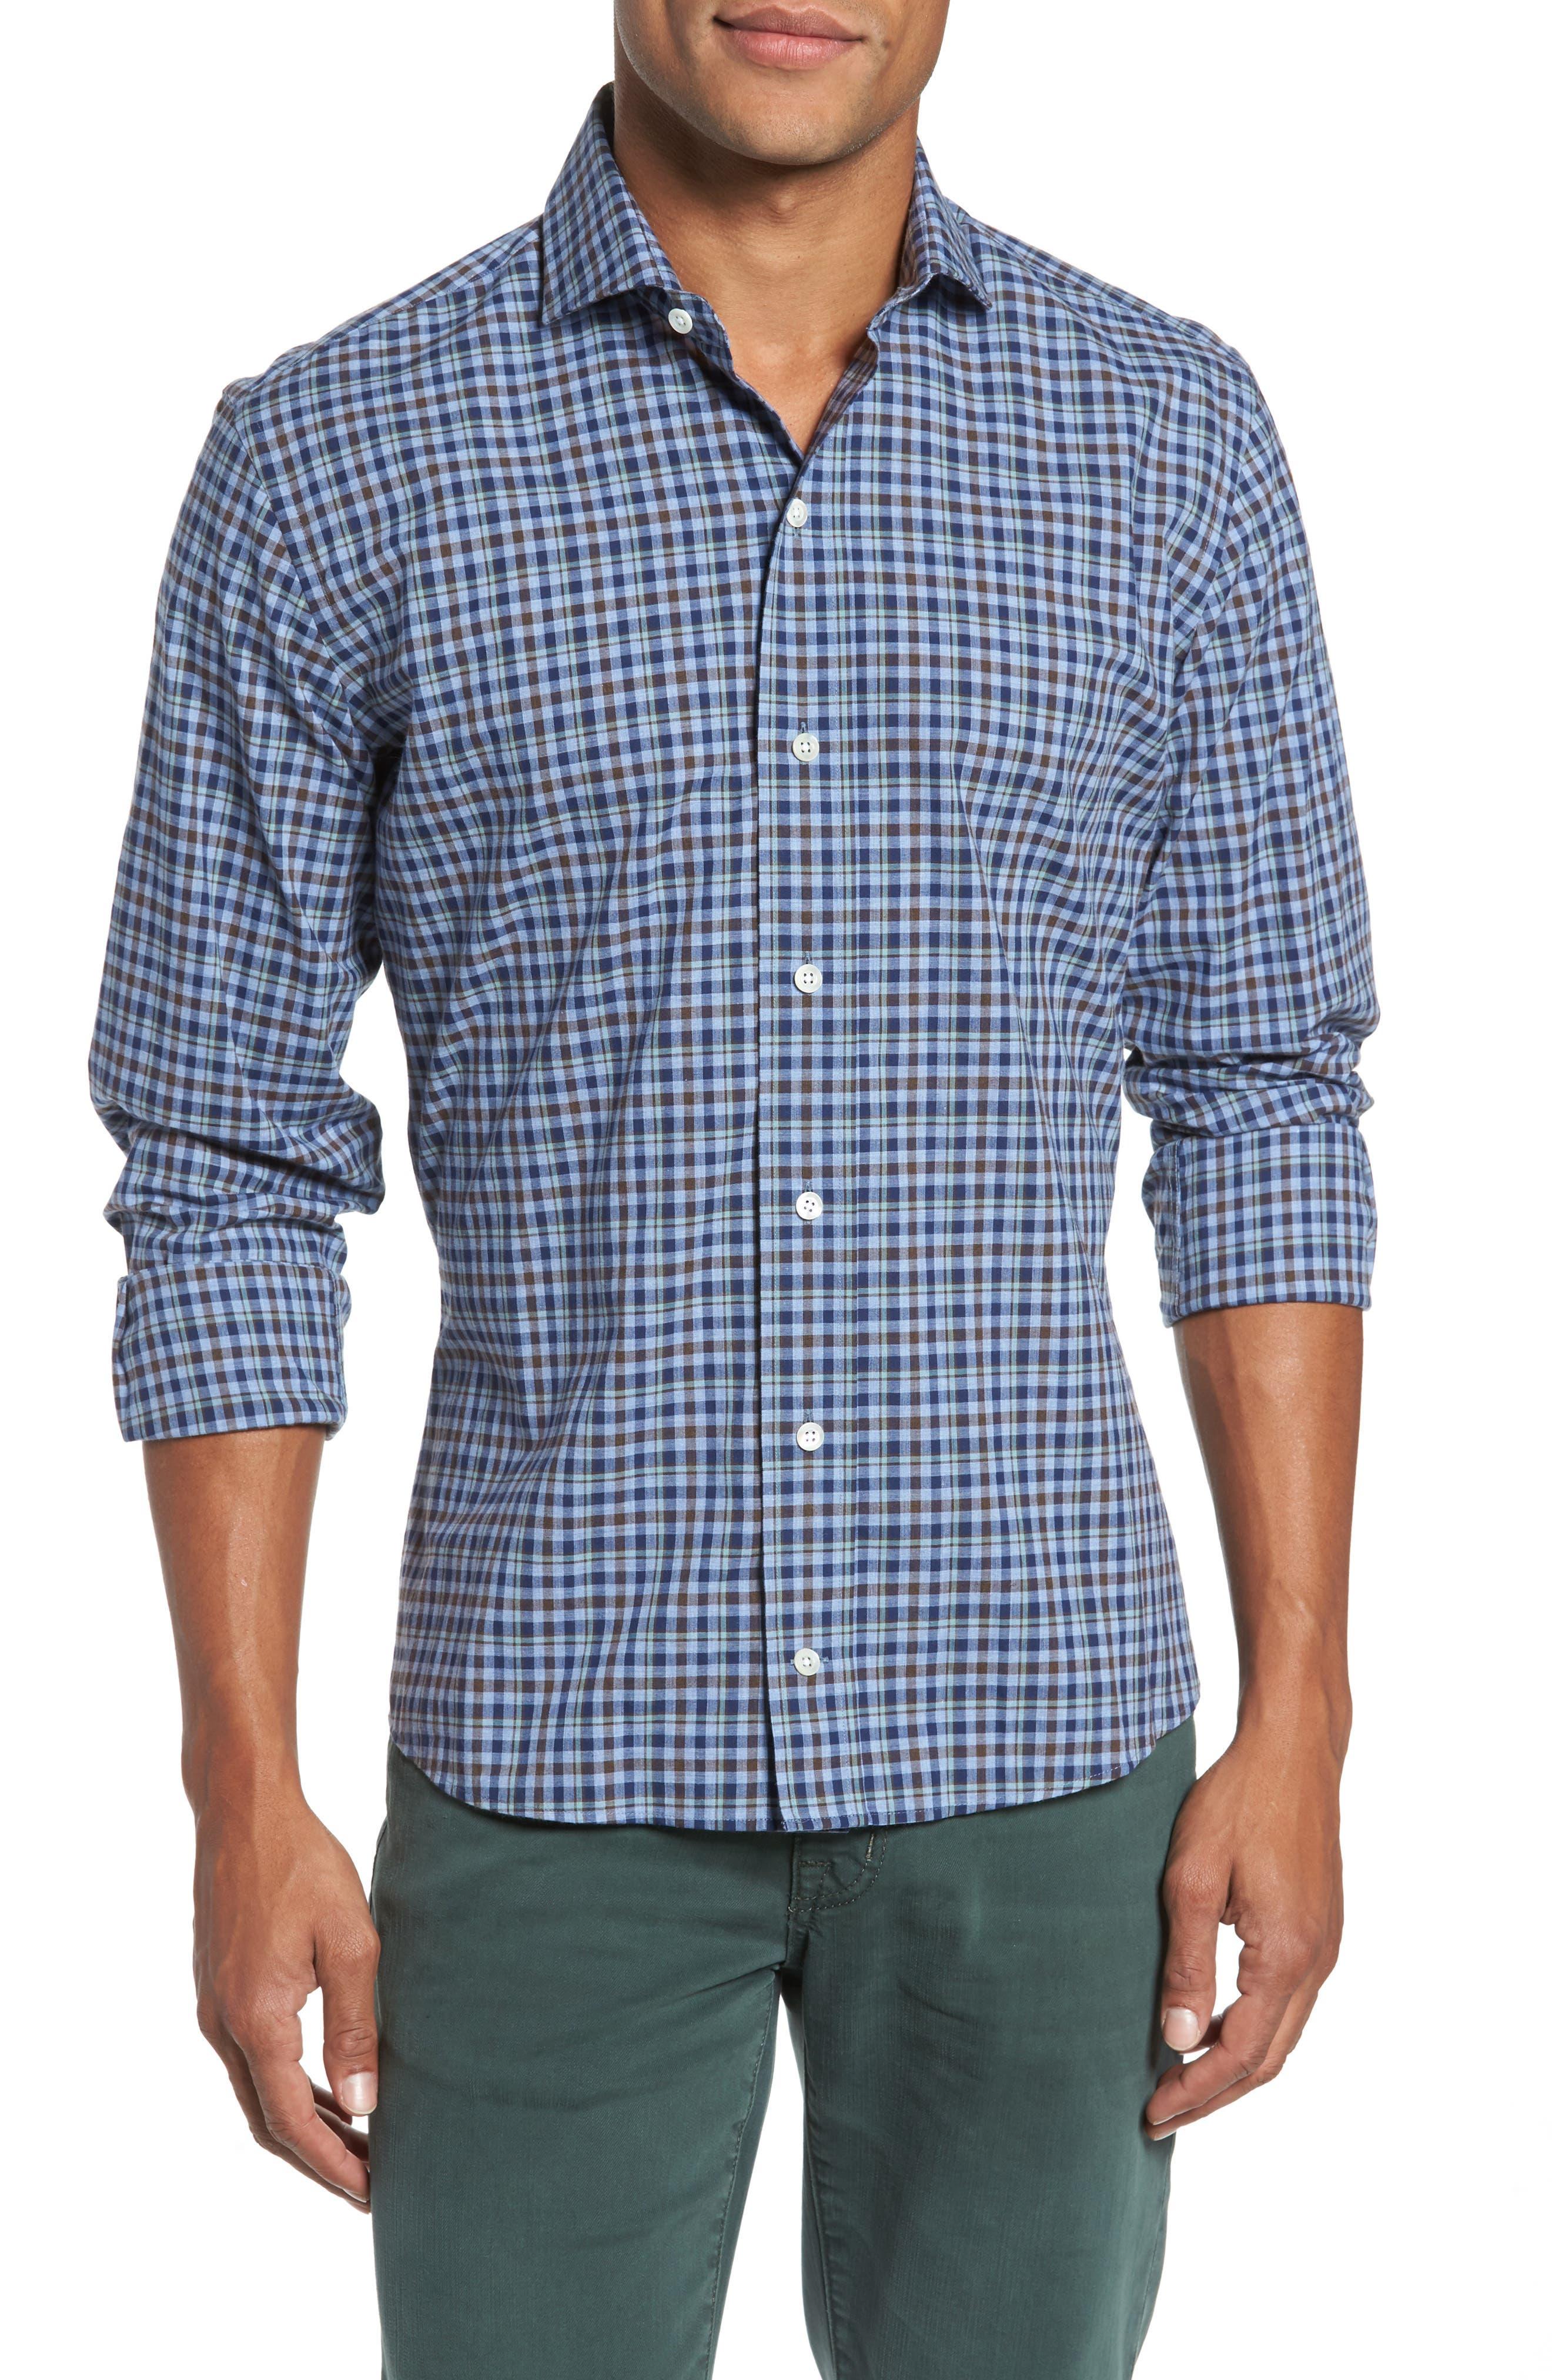 Alden Slim Fit Plaid Sport Shirt,                             Main thumbnail 1, color,                             Blue